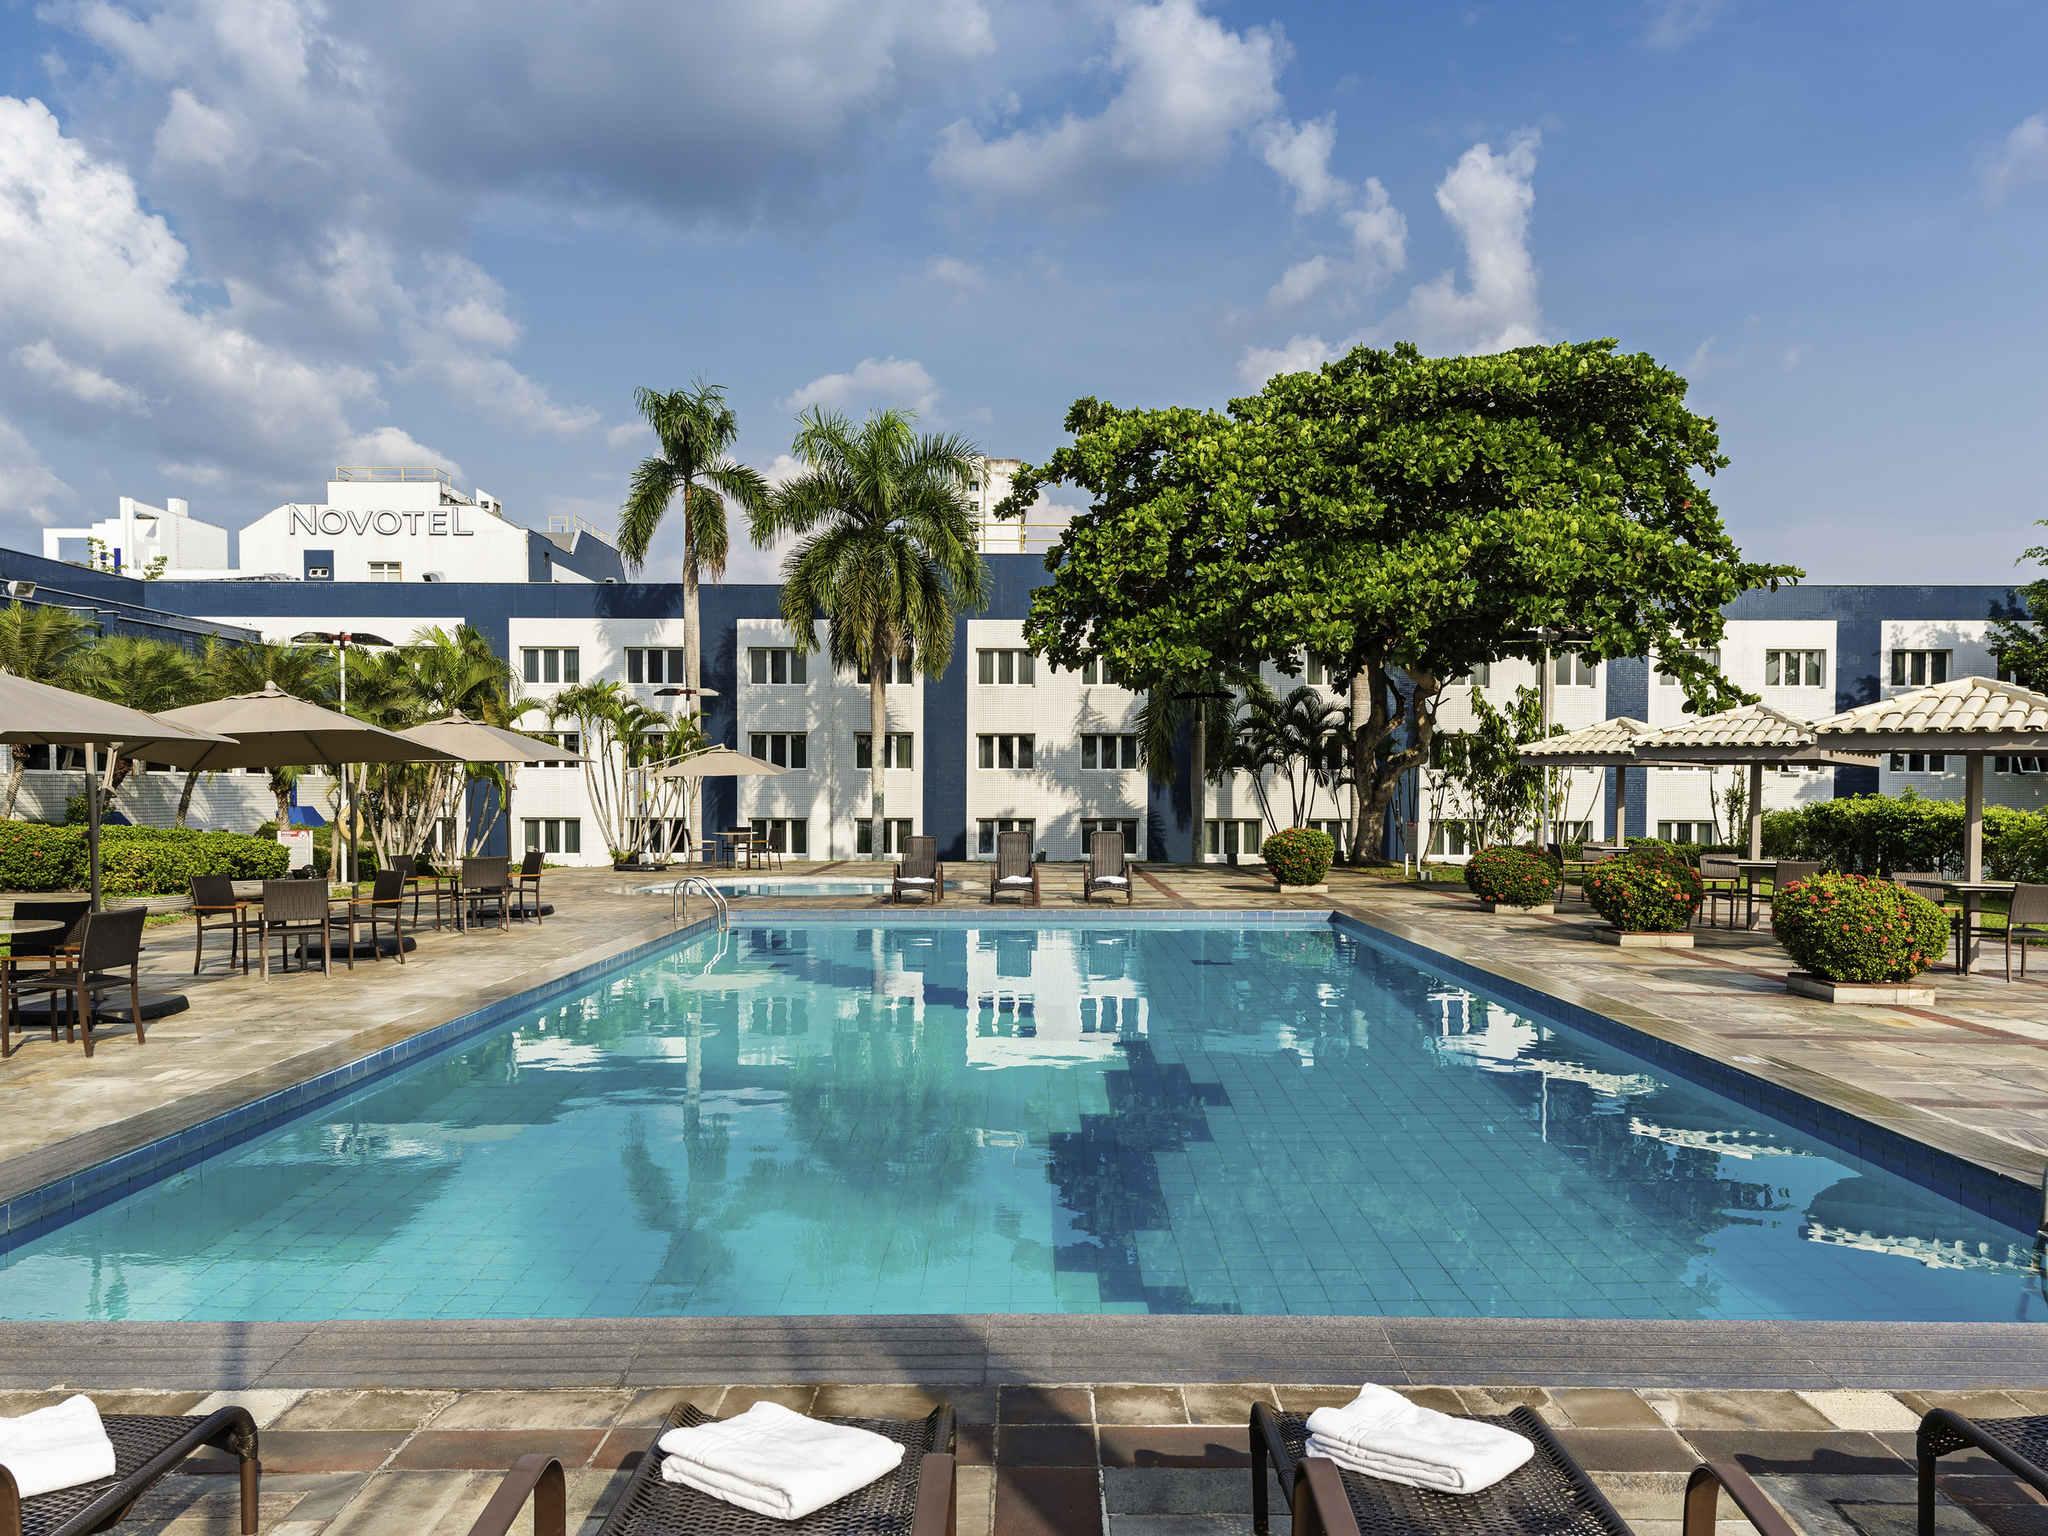 ホテル – Novotel Manaus